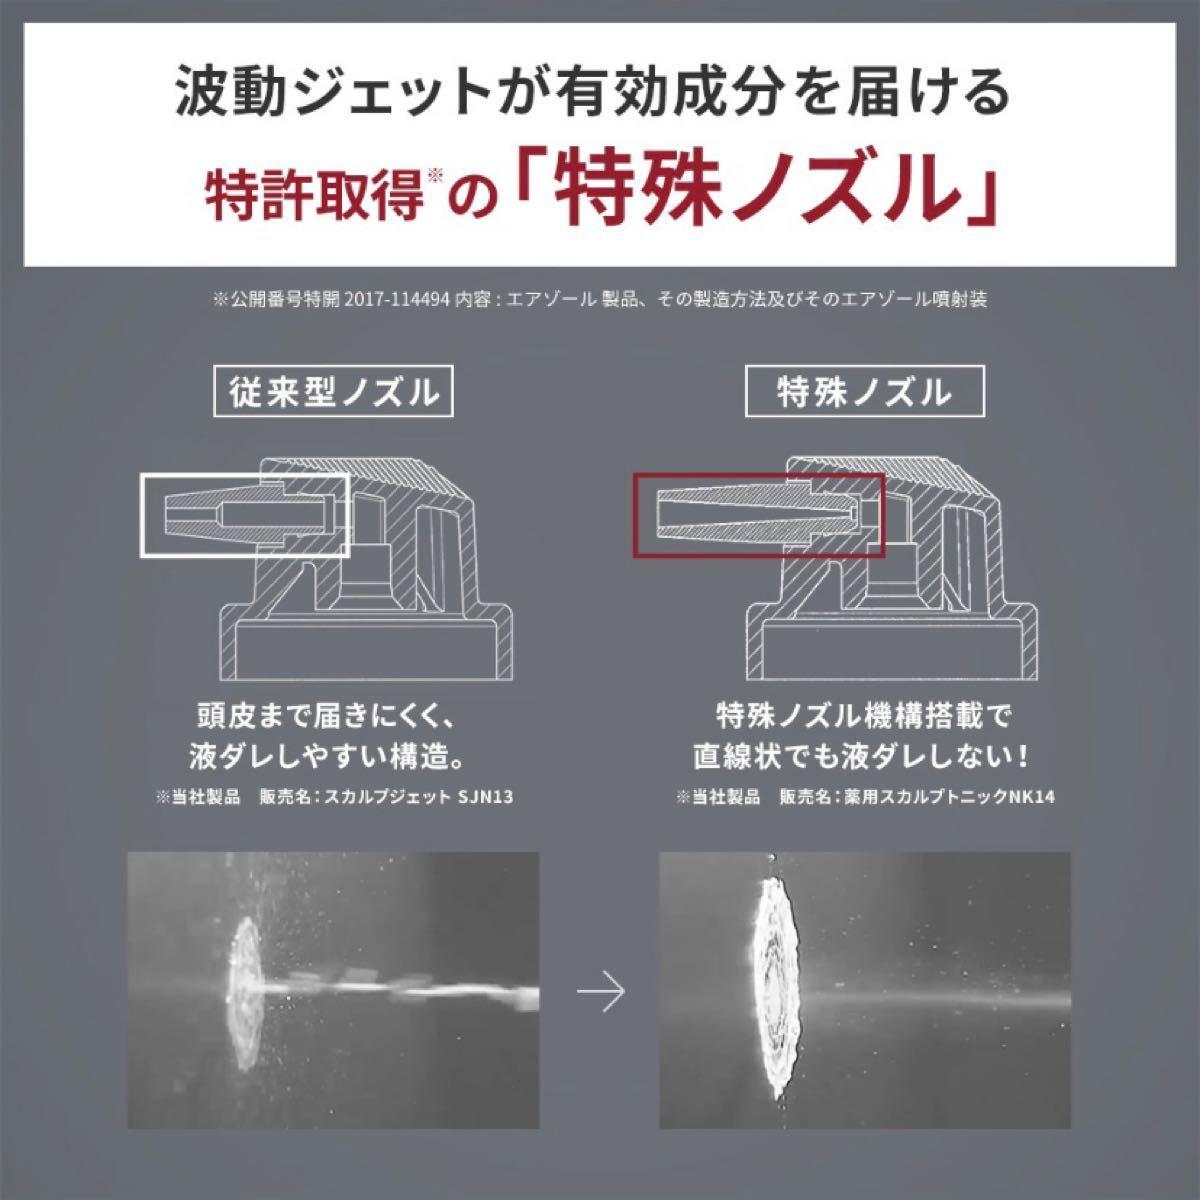 【新品・未使用】アンファー スカルプD 薬用スカルプジェット 180ml 4本